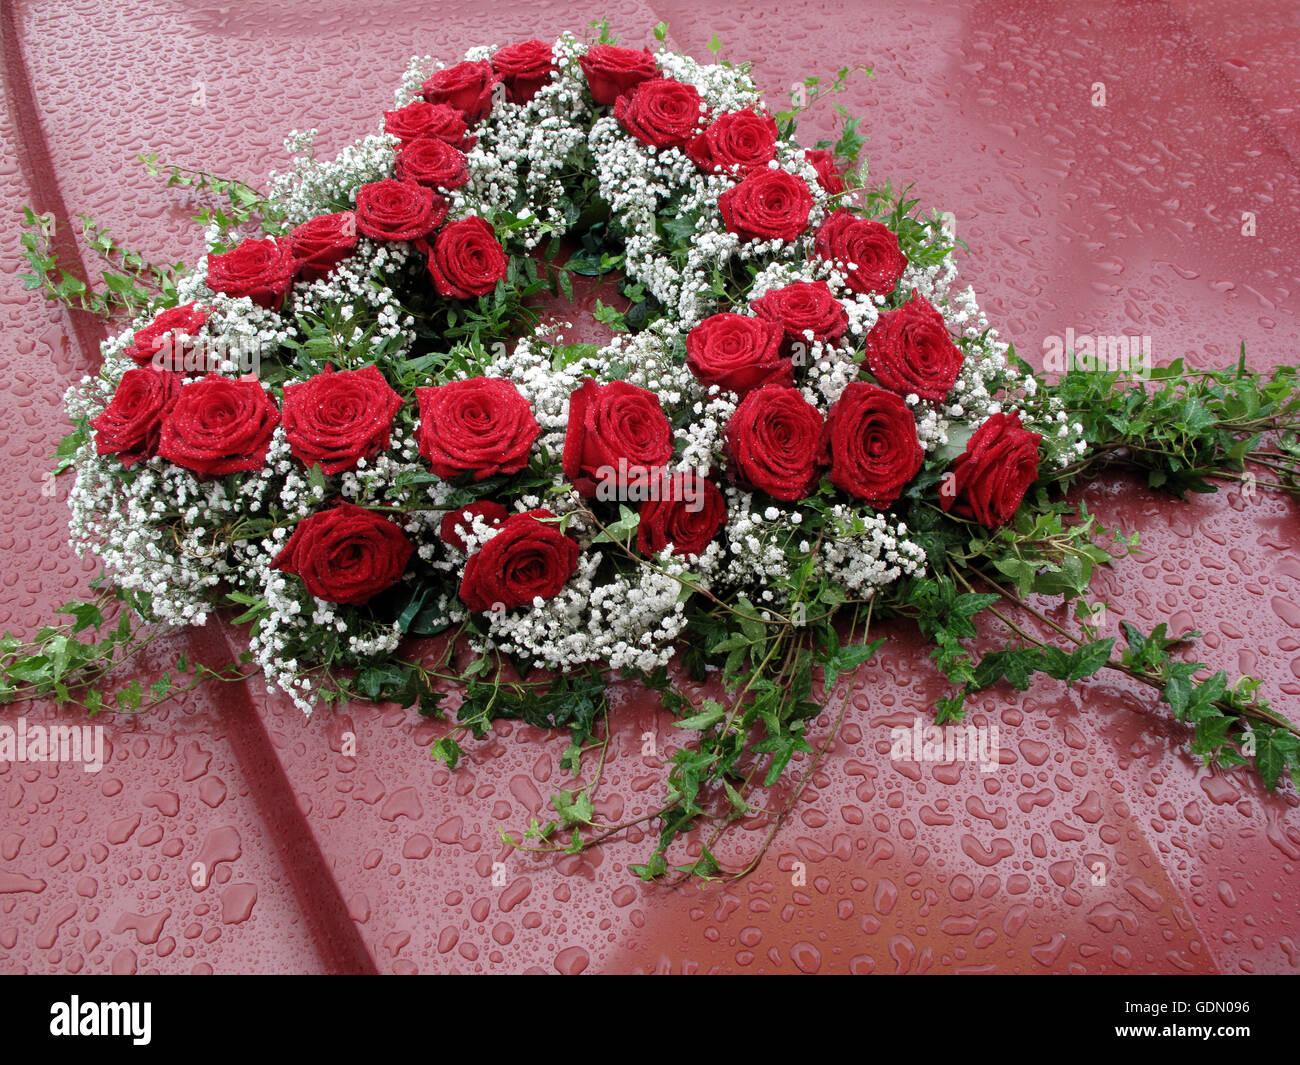 bouquet de fleurs en forme de coeur sur une voiture sous la pluie, l